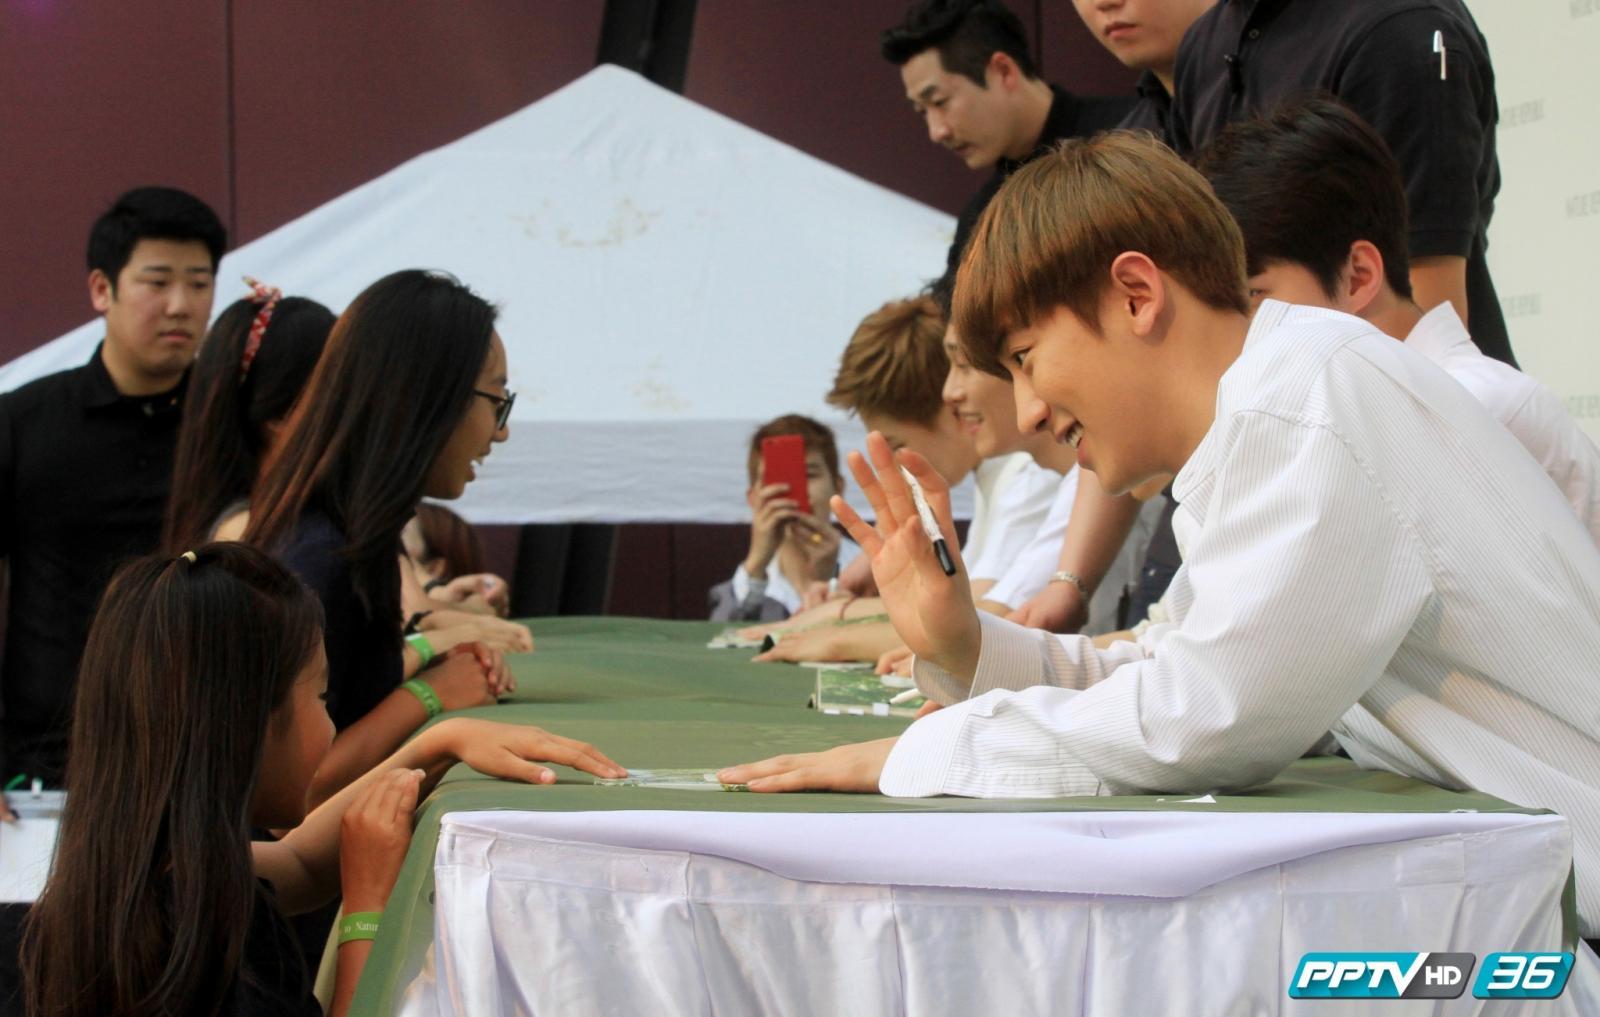 """ชมกันอีกครั้ง...บรรยากาศแฟนคลับ """"EXO"""" พบกับศิลปินวงโปรด !!"""